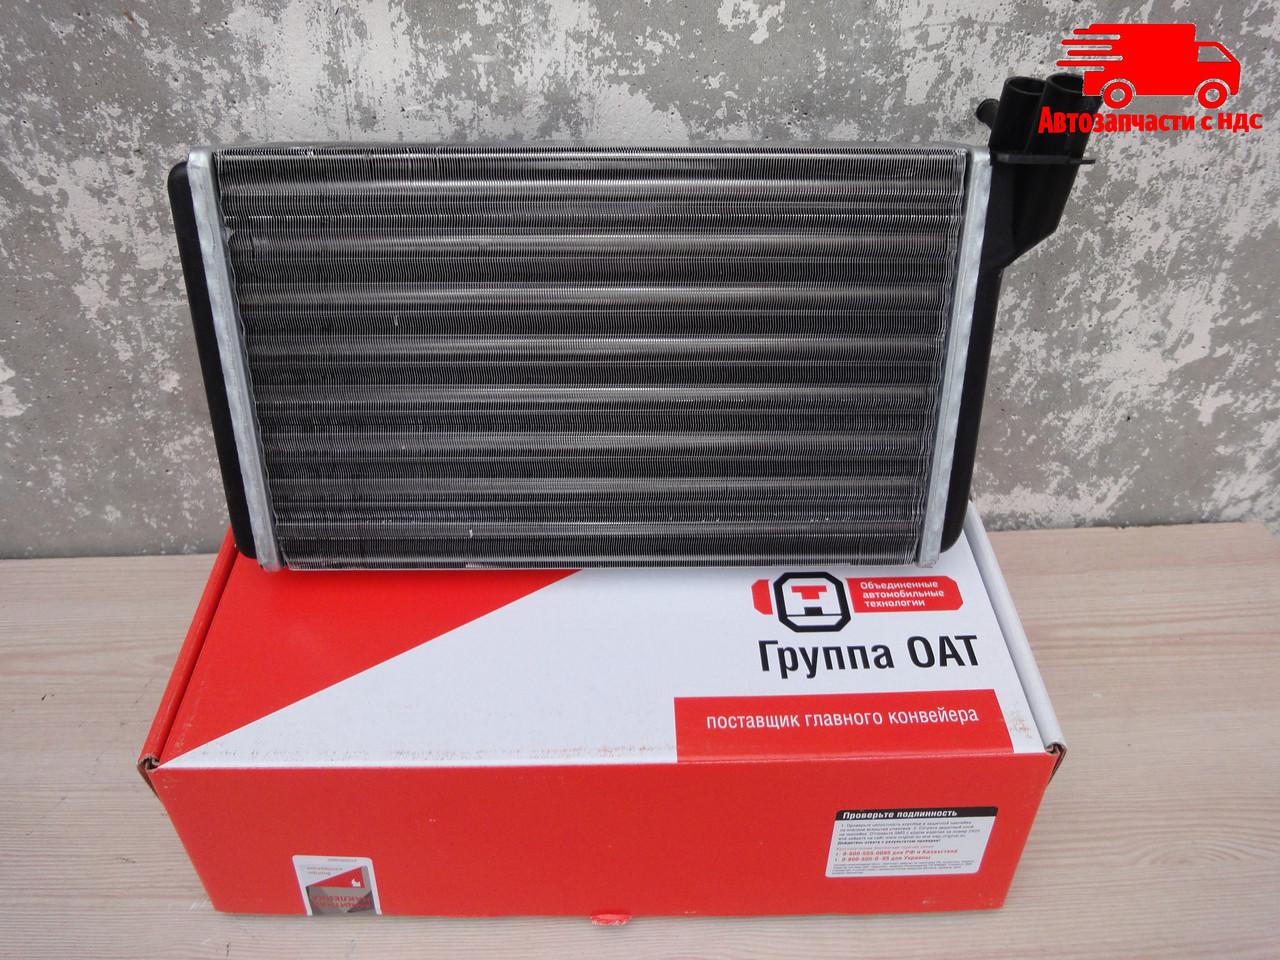 Радиатор отопителя ВАЗ 2110, 2111, 2112 (пр-во ОАТ-ДААЗ)